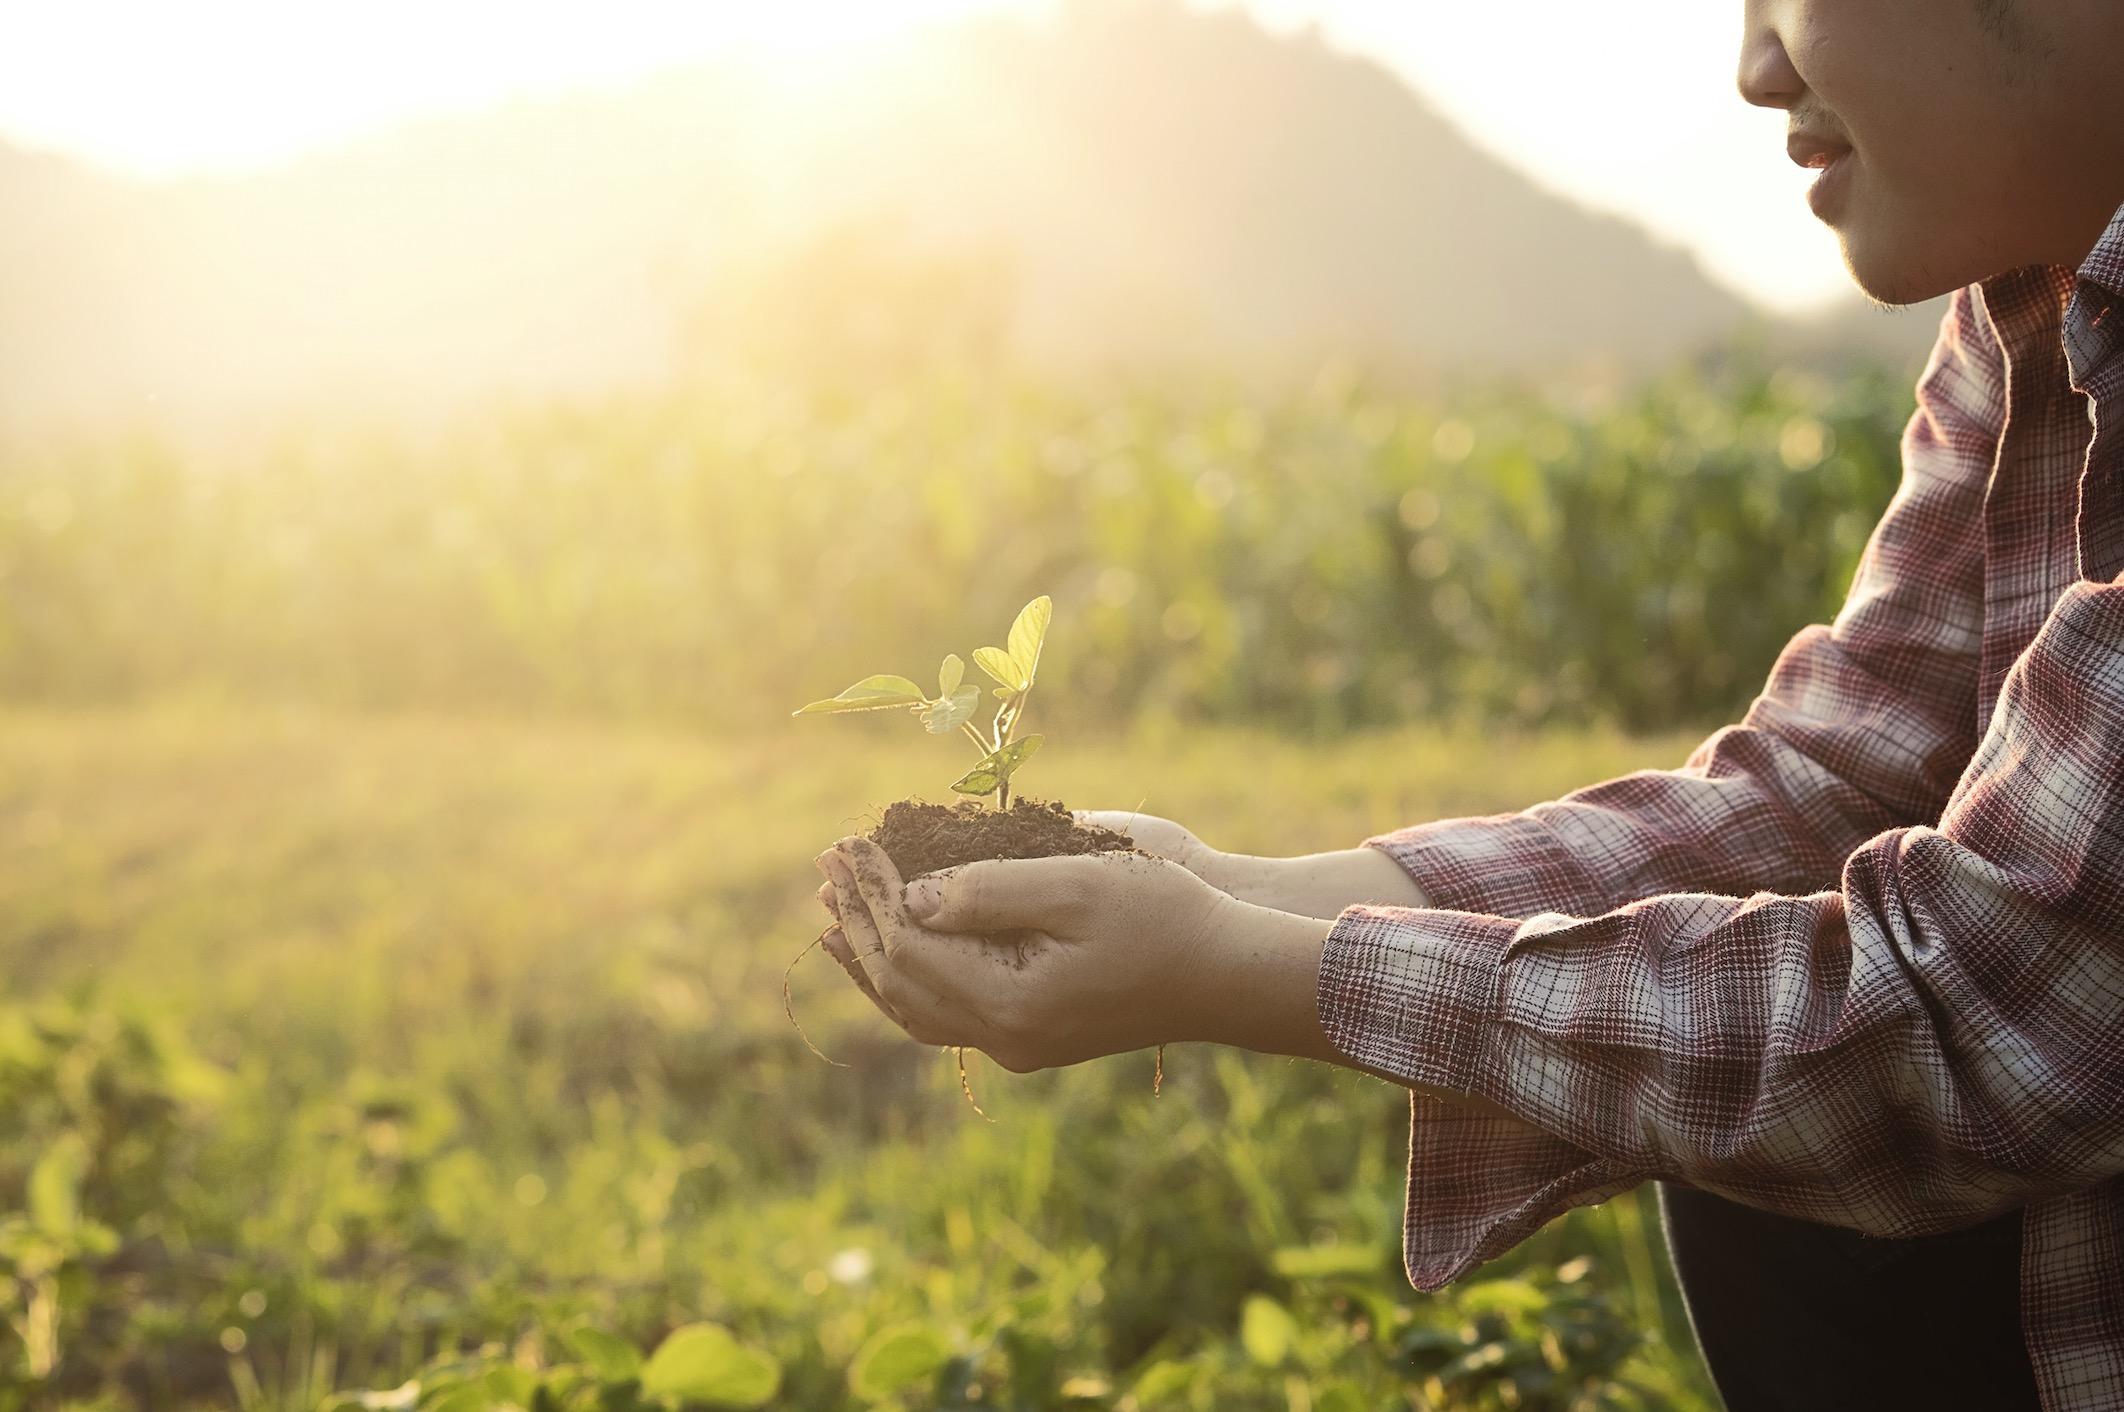 Lebendige Nahrung zu einer Priorität in unserem Leben machen. Zum Wohle des Planeten